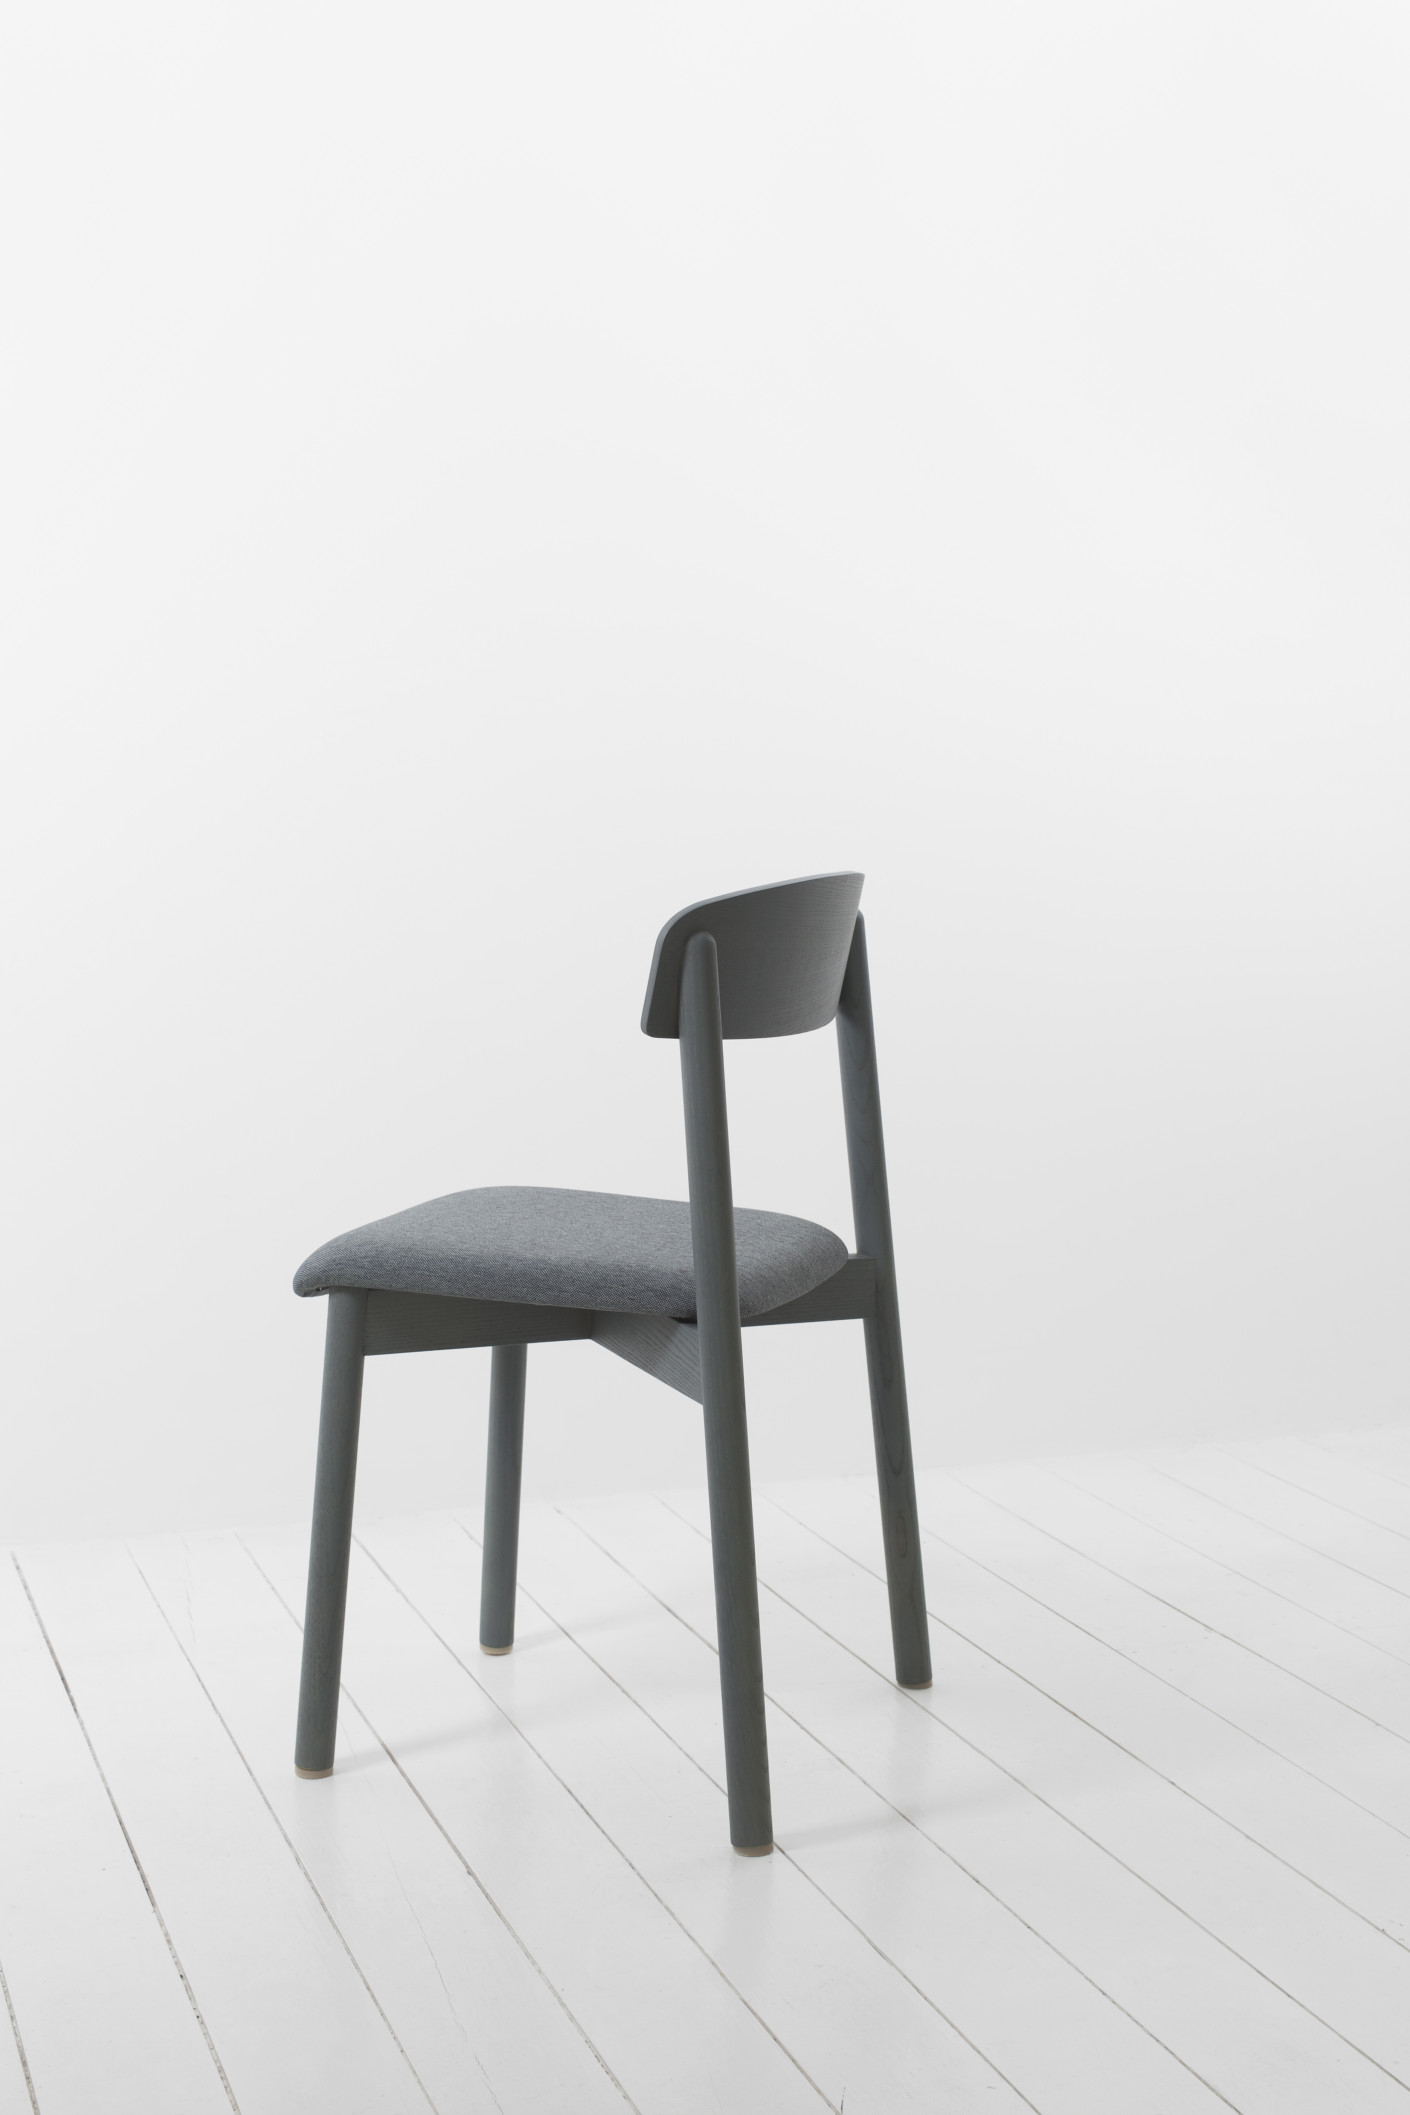 profile chair von stattmann neue moebel stylepark. Black Bedroom Furniture Sets. Home Design Ideas